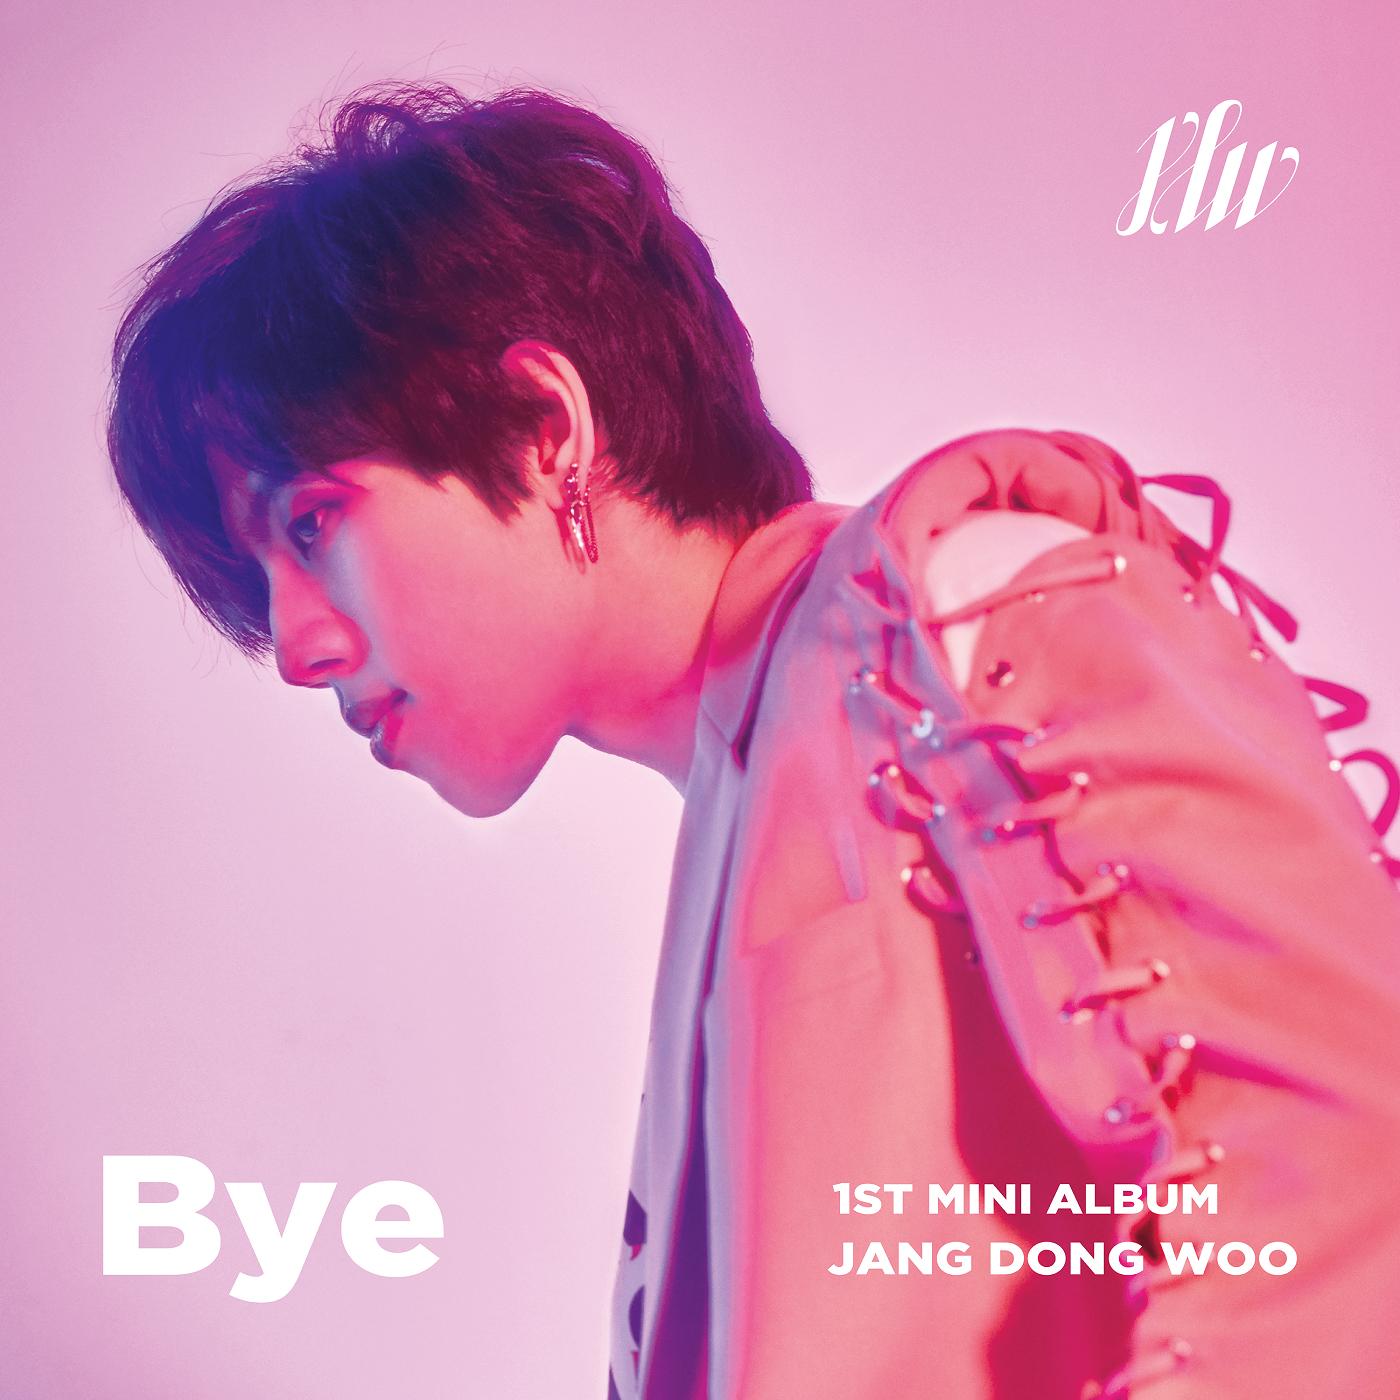 Bye (Jang Dong Woo)